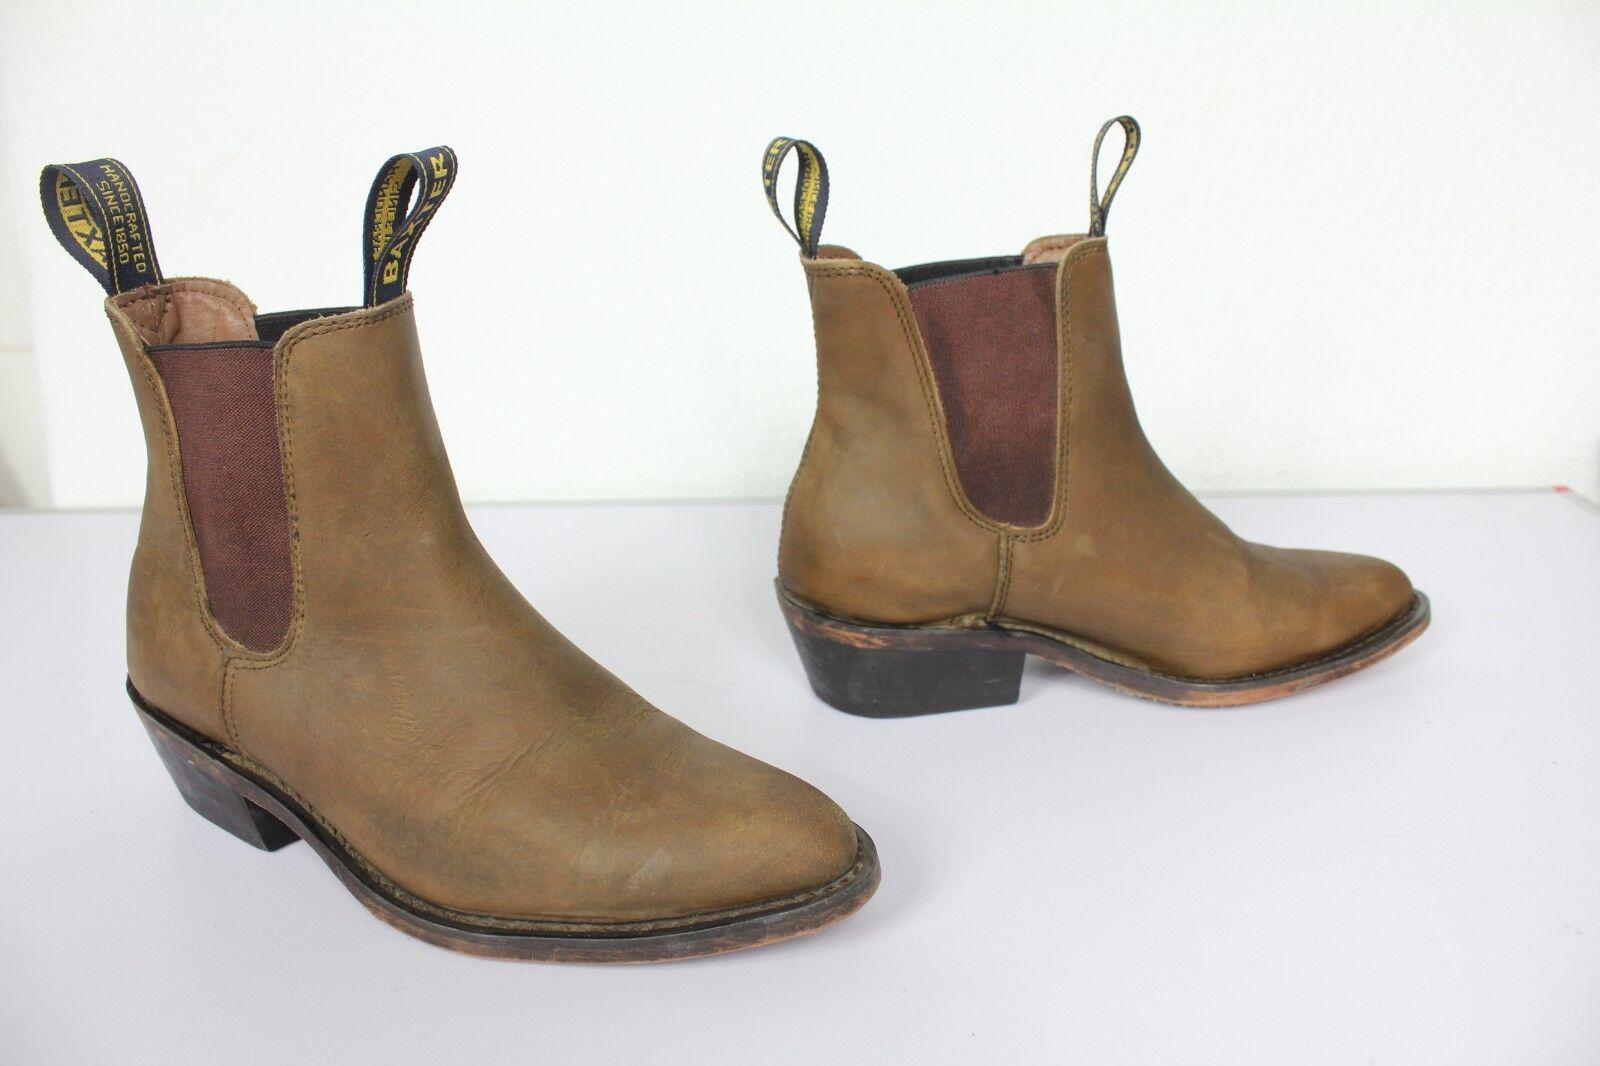 Baxter Handcrafted elegante eu:39 botas vaqueras cuero genuino marrón tonos eu:39 elegante 011de9